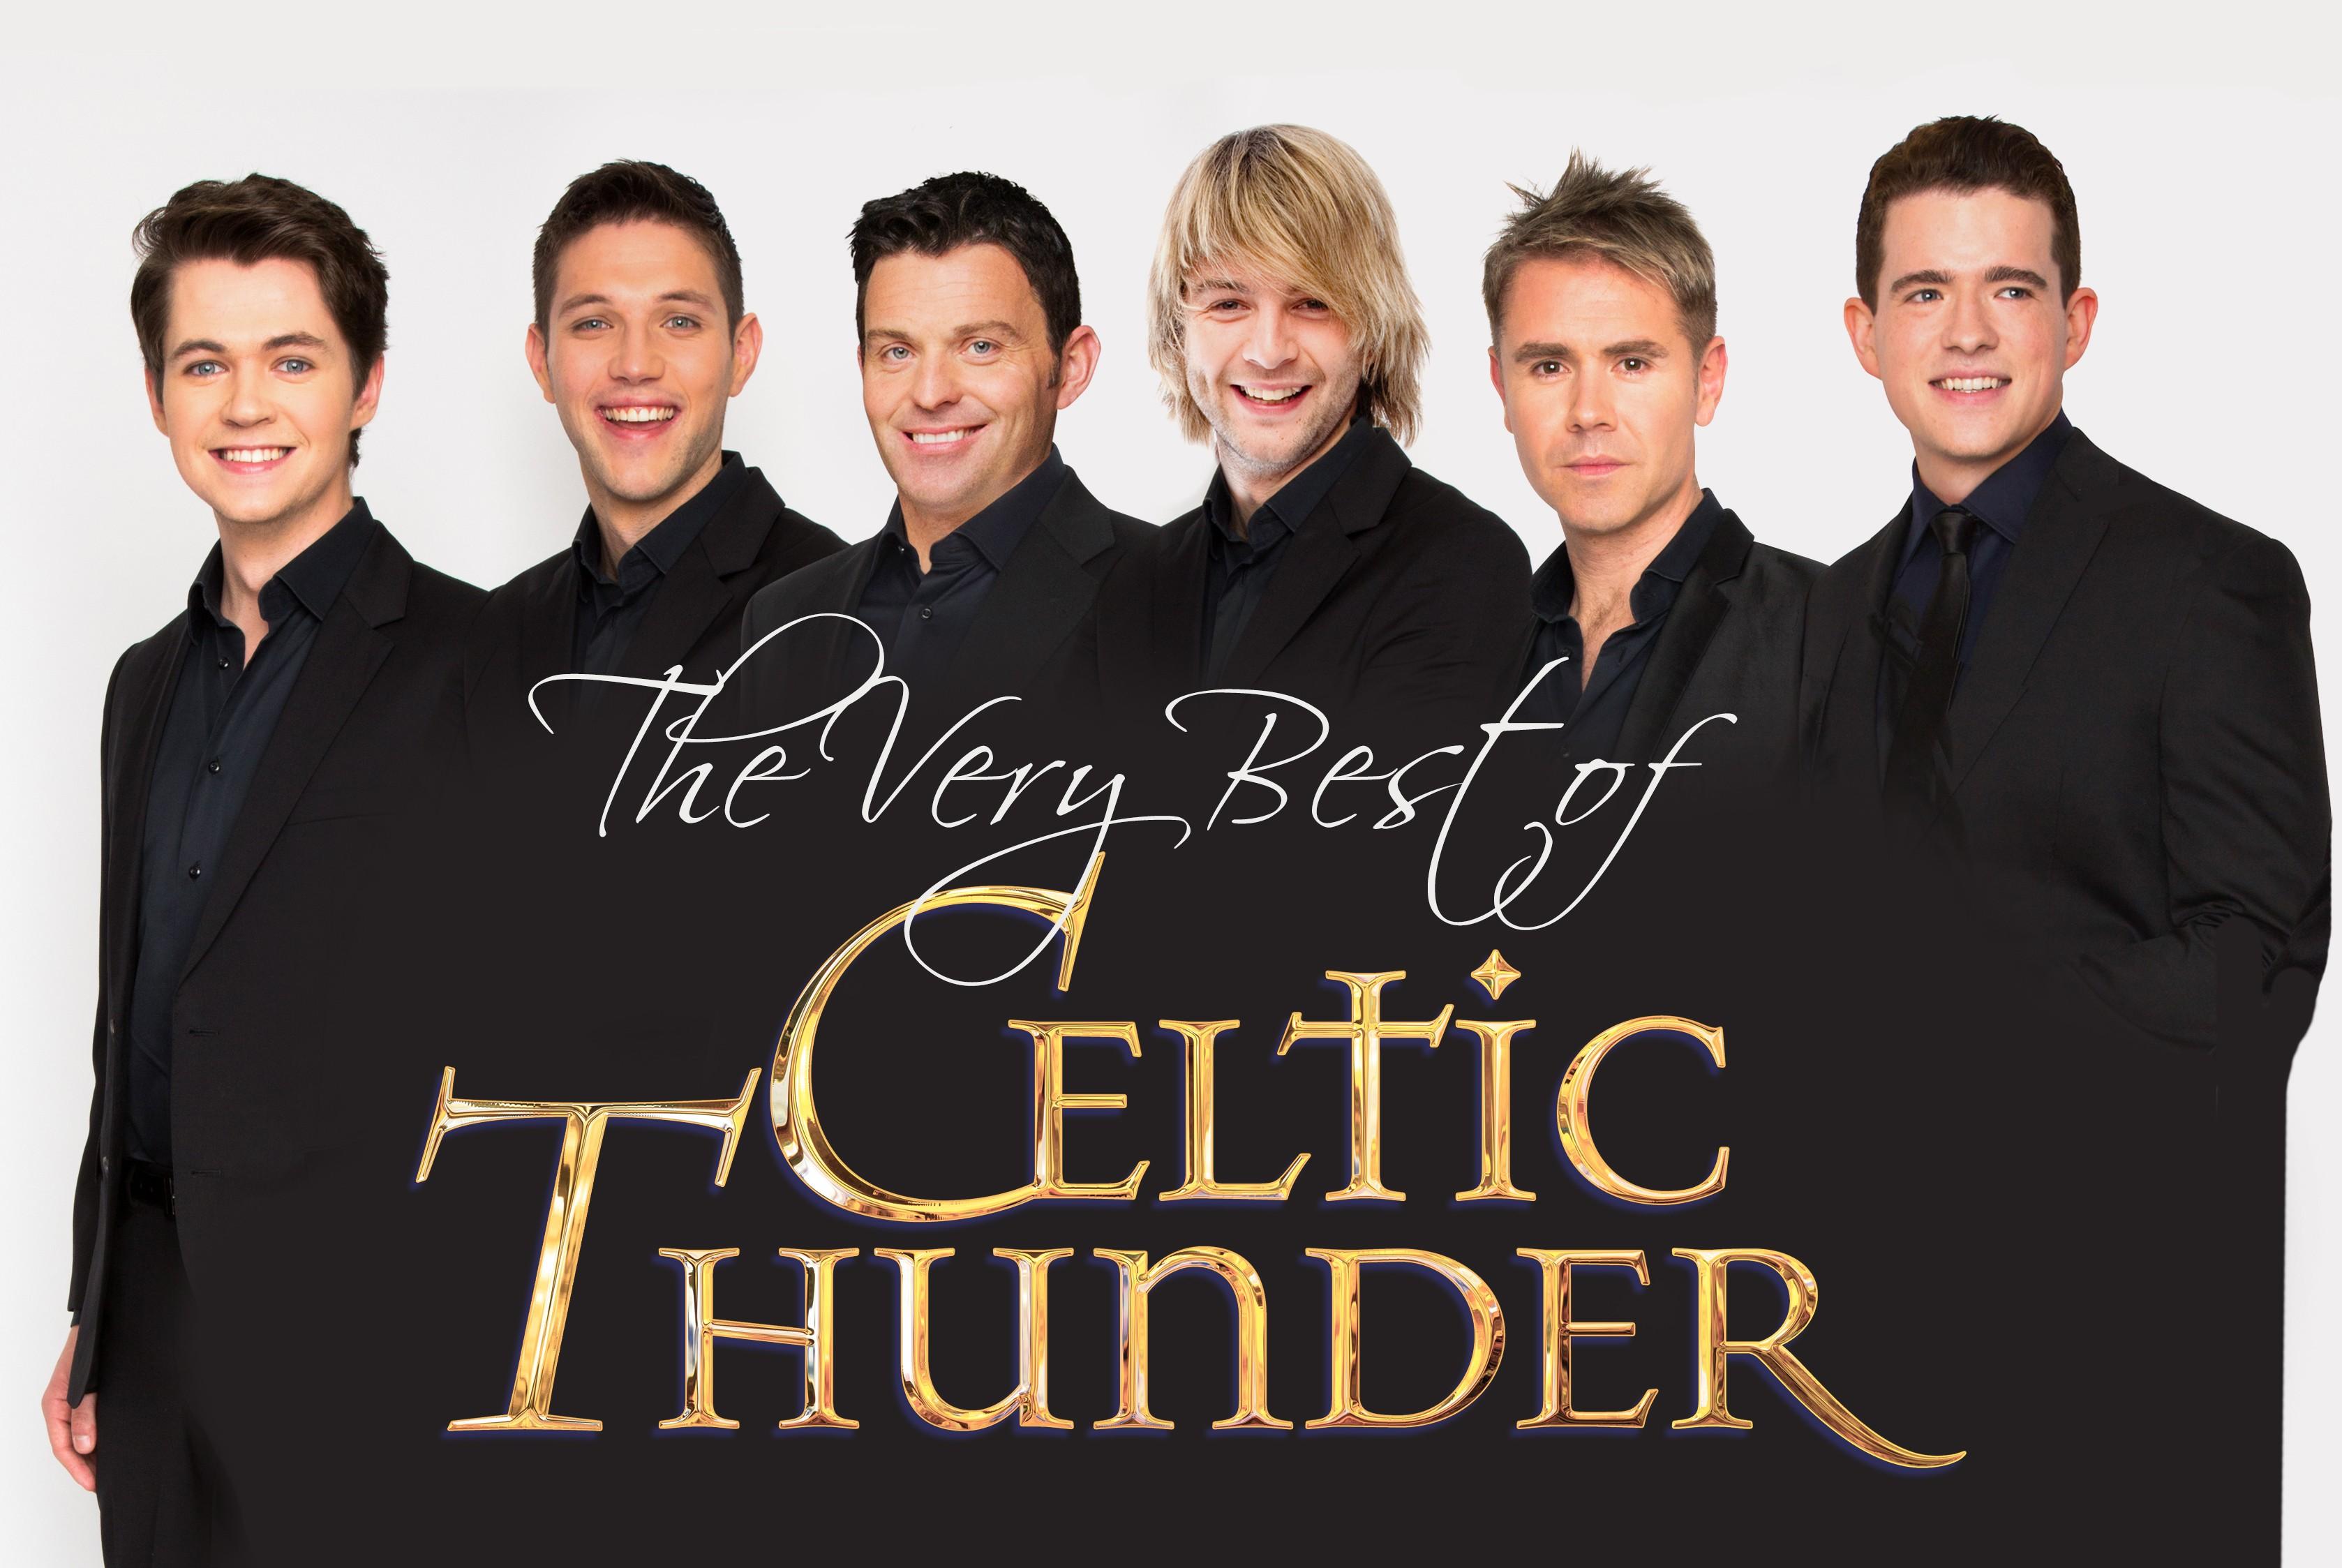 Very Best Of Celtic Thunder Magnet